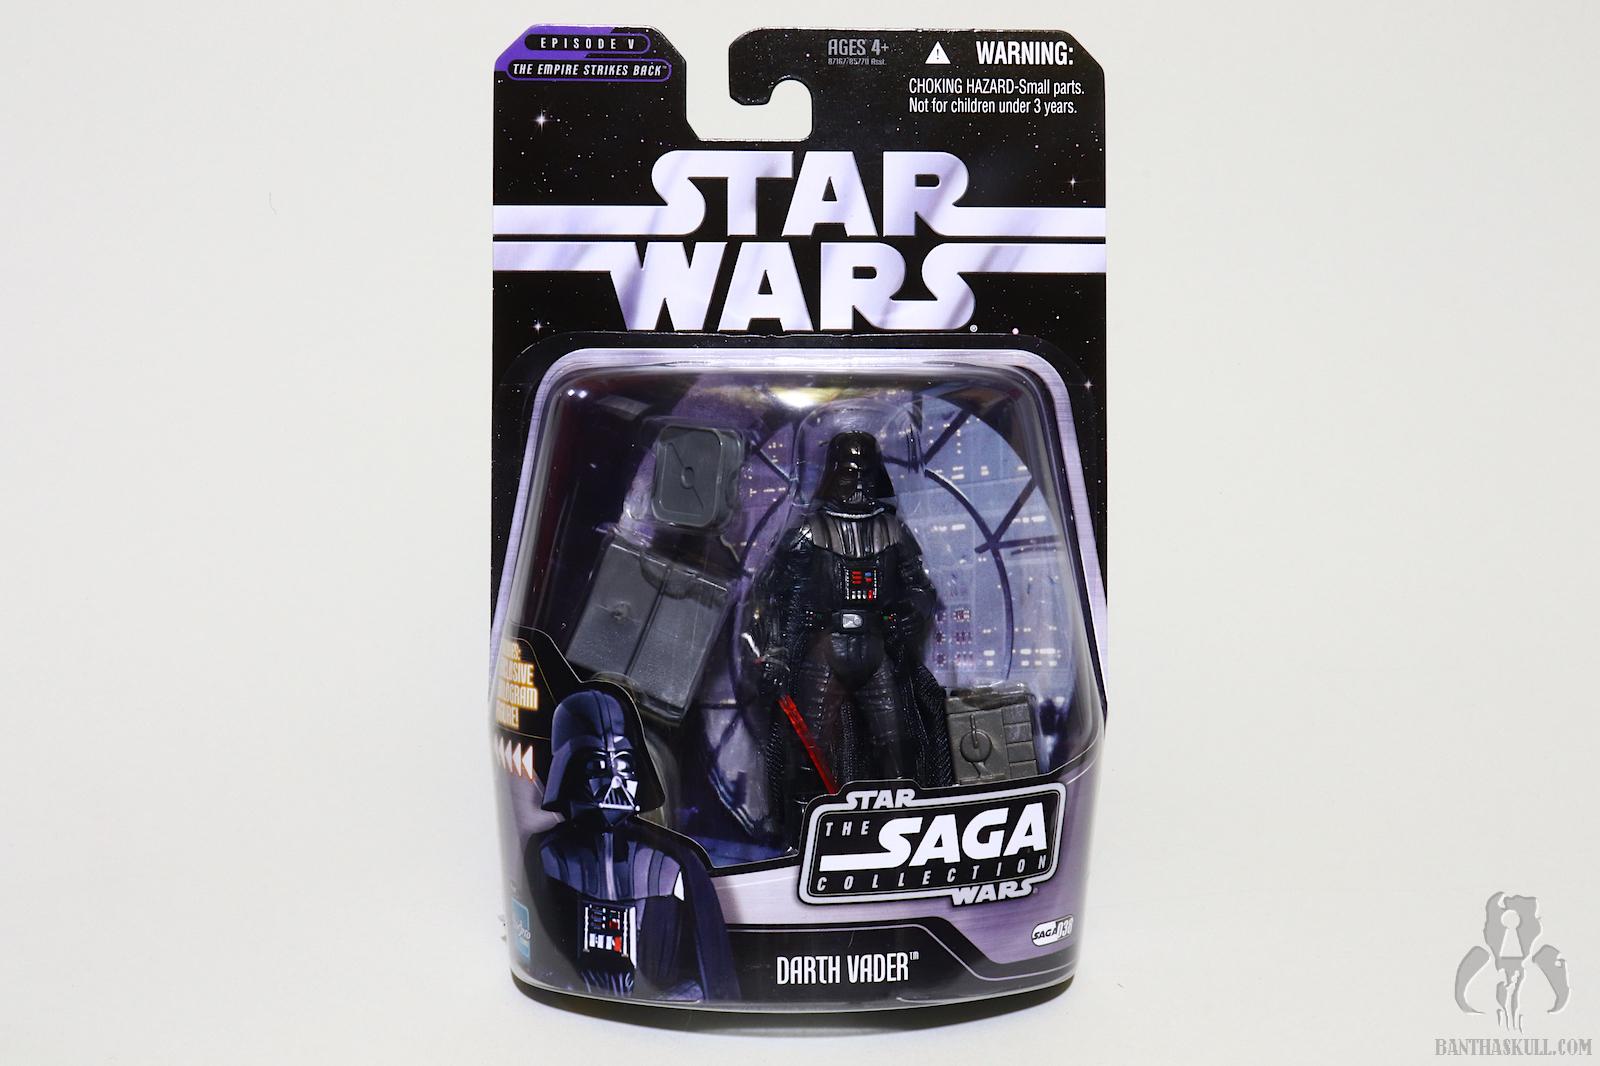 Darth Vader ESB Bespin 2006 STAR WARS The Saga Collection MOC #038 38